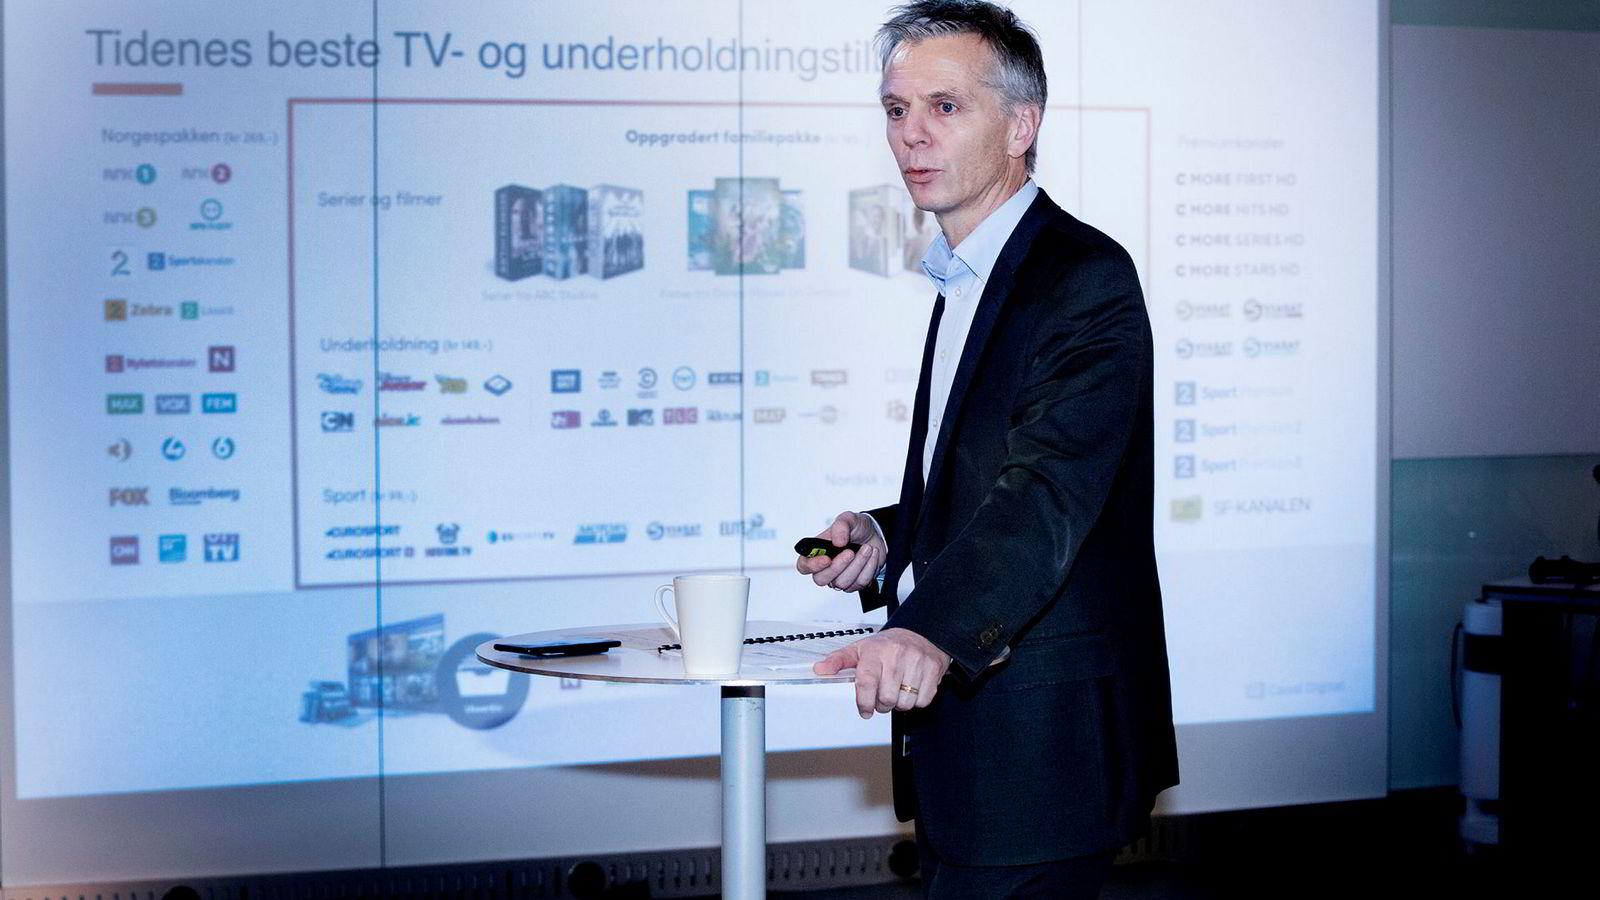 - Det er fortsatt enkelte diskusjoner som gjenstår, men det er svært sannsynlig at vi kommer fram til en god avtale for våre kunder, sier Ragnar Kårhus, administrerende direktør i Canal Digital i en pressemelding.